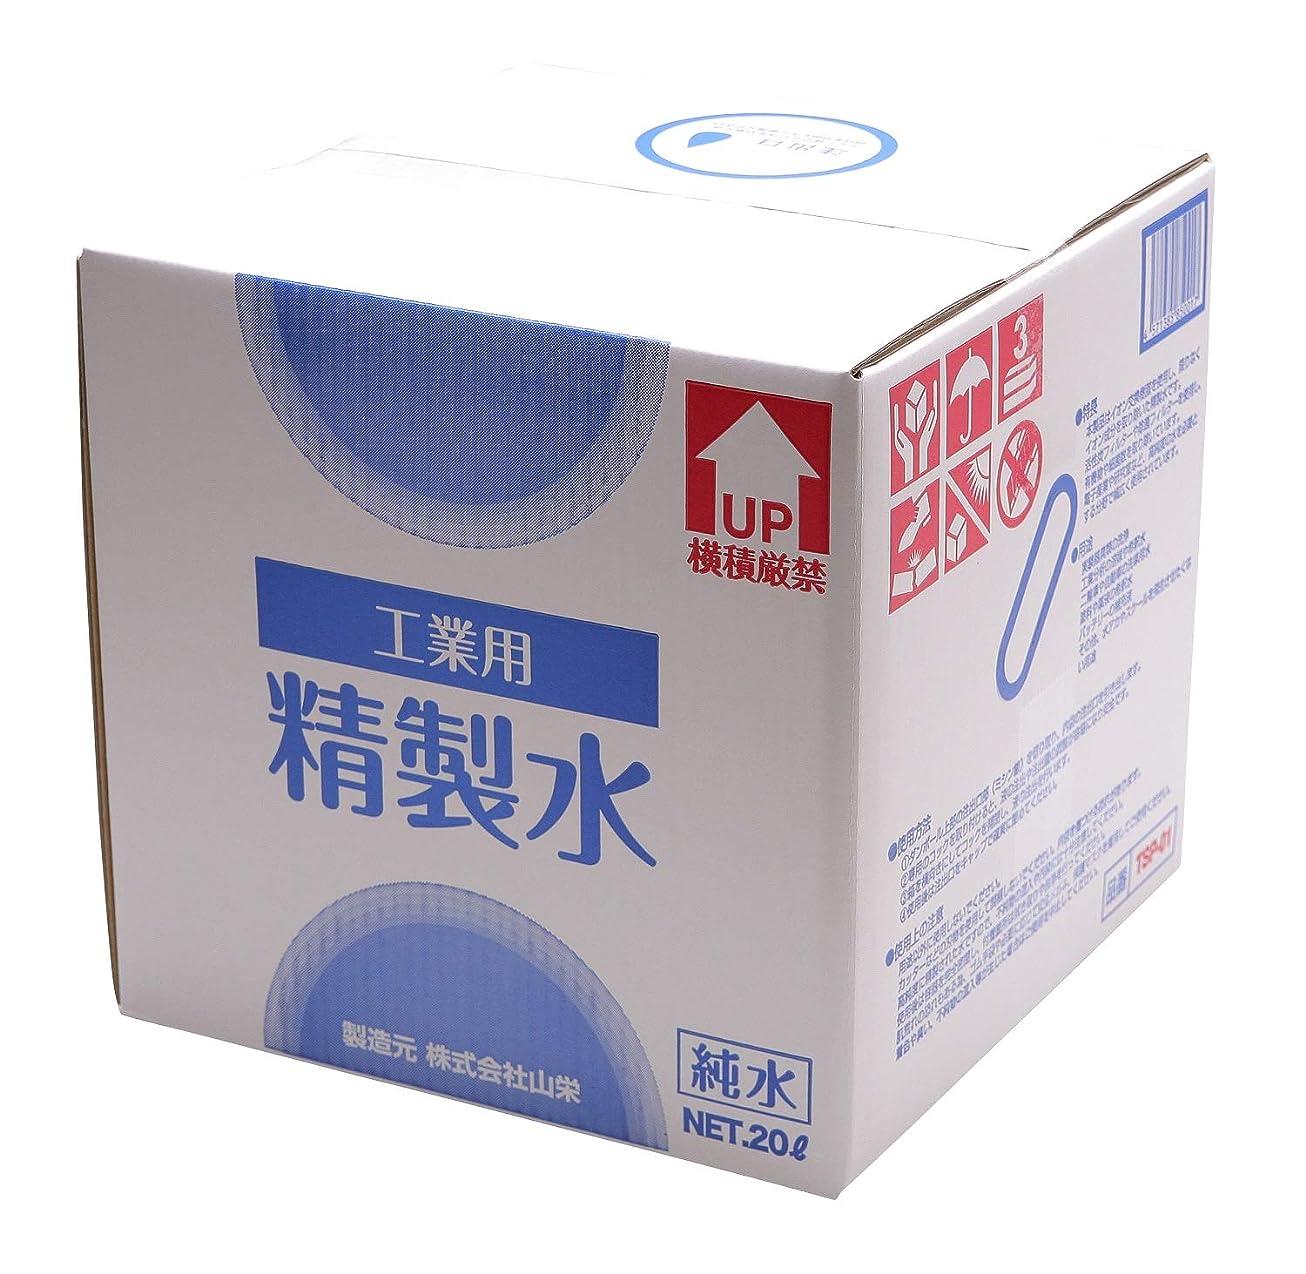 苦しみ麻痺バッテリーサンエイ化学 工業用精製水 純水 20L×1箱 コックなし 【スチーマー 加湿器 オートクレーブ エステ 美容 歯科】